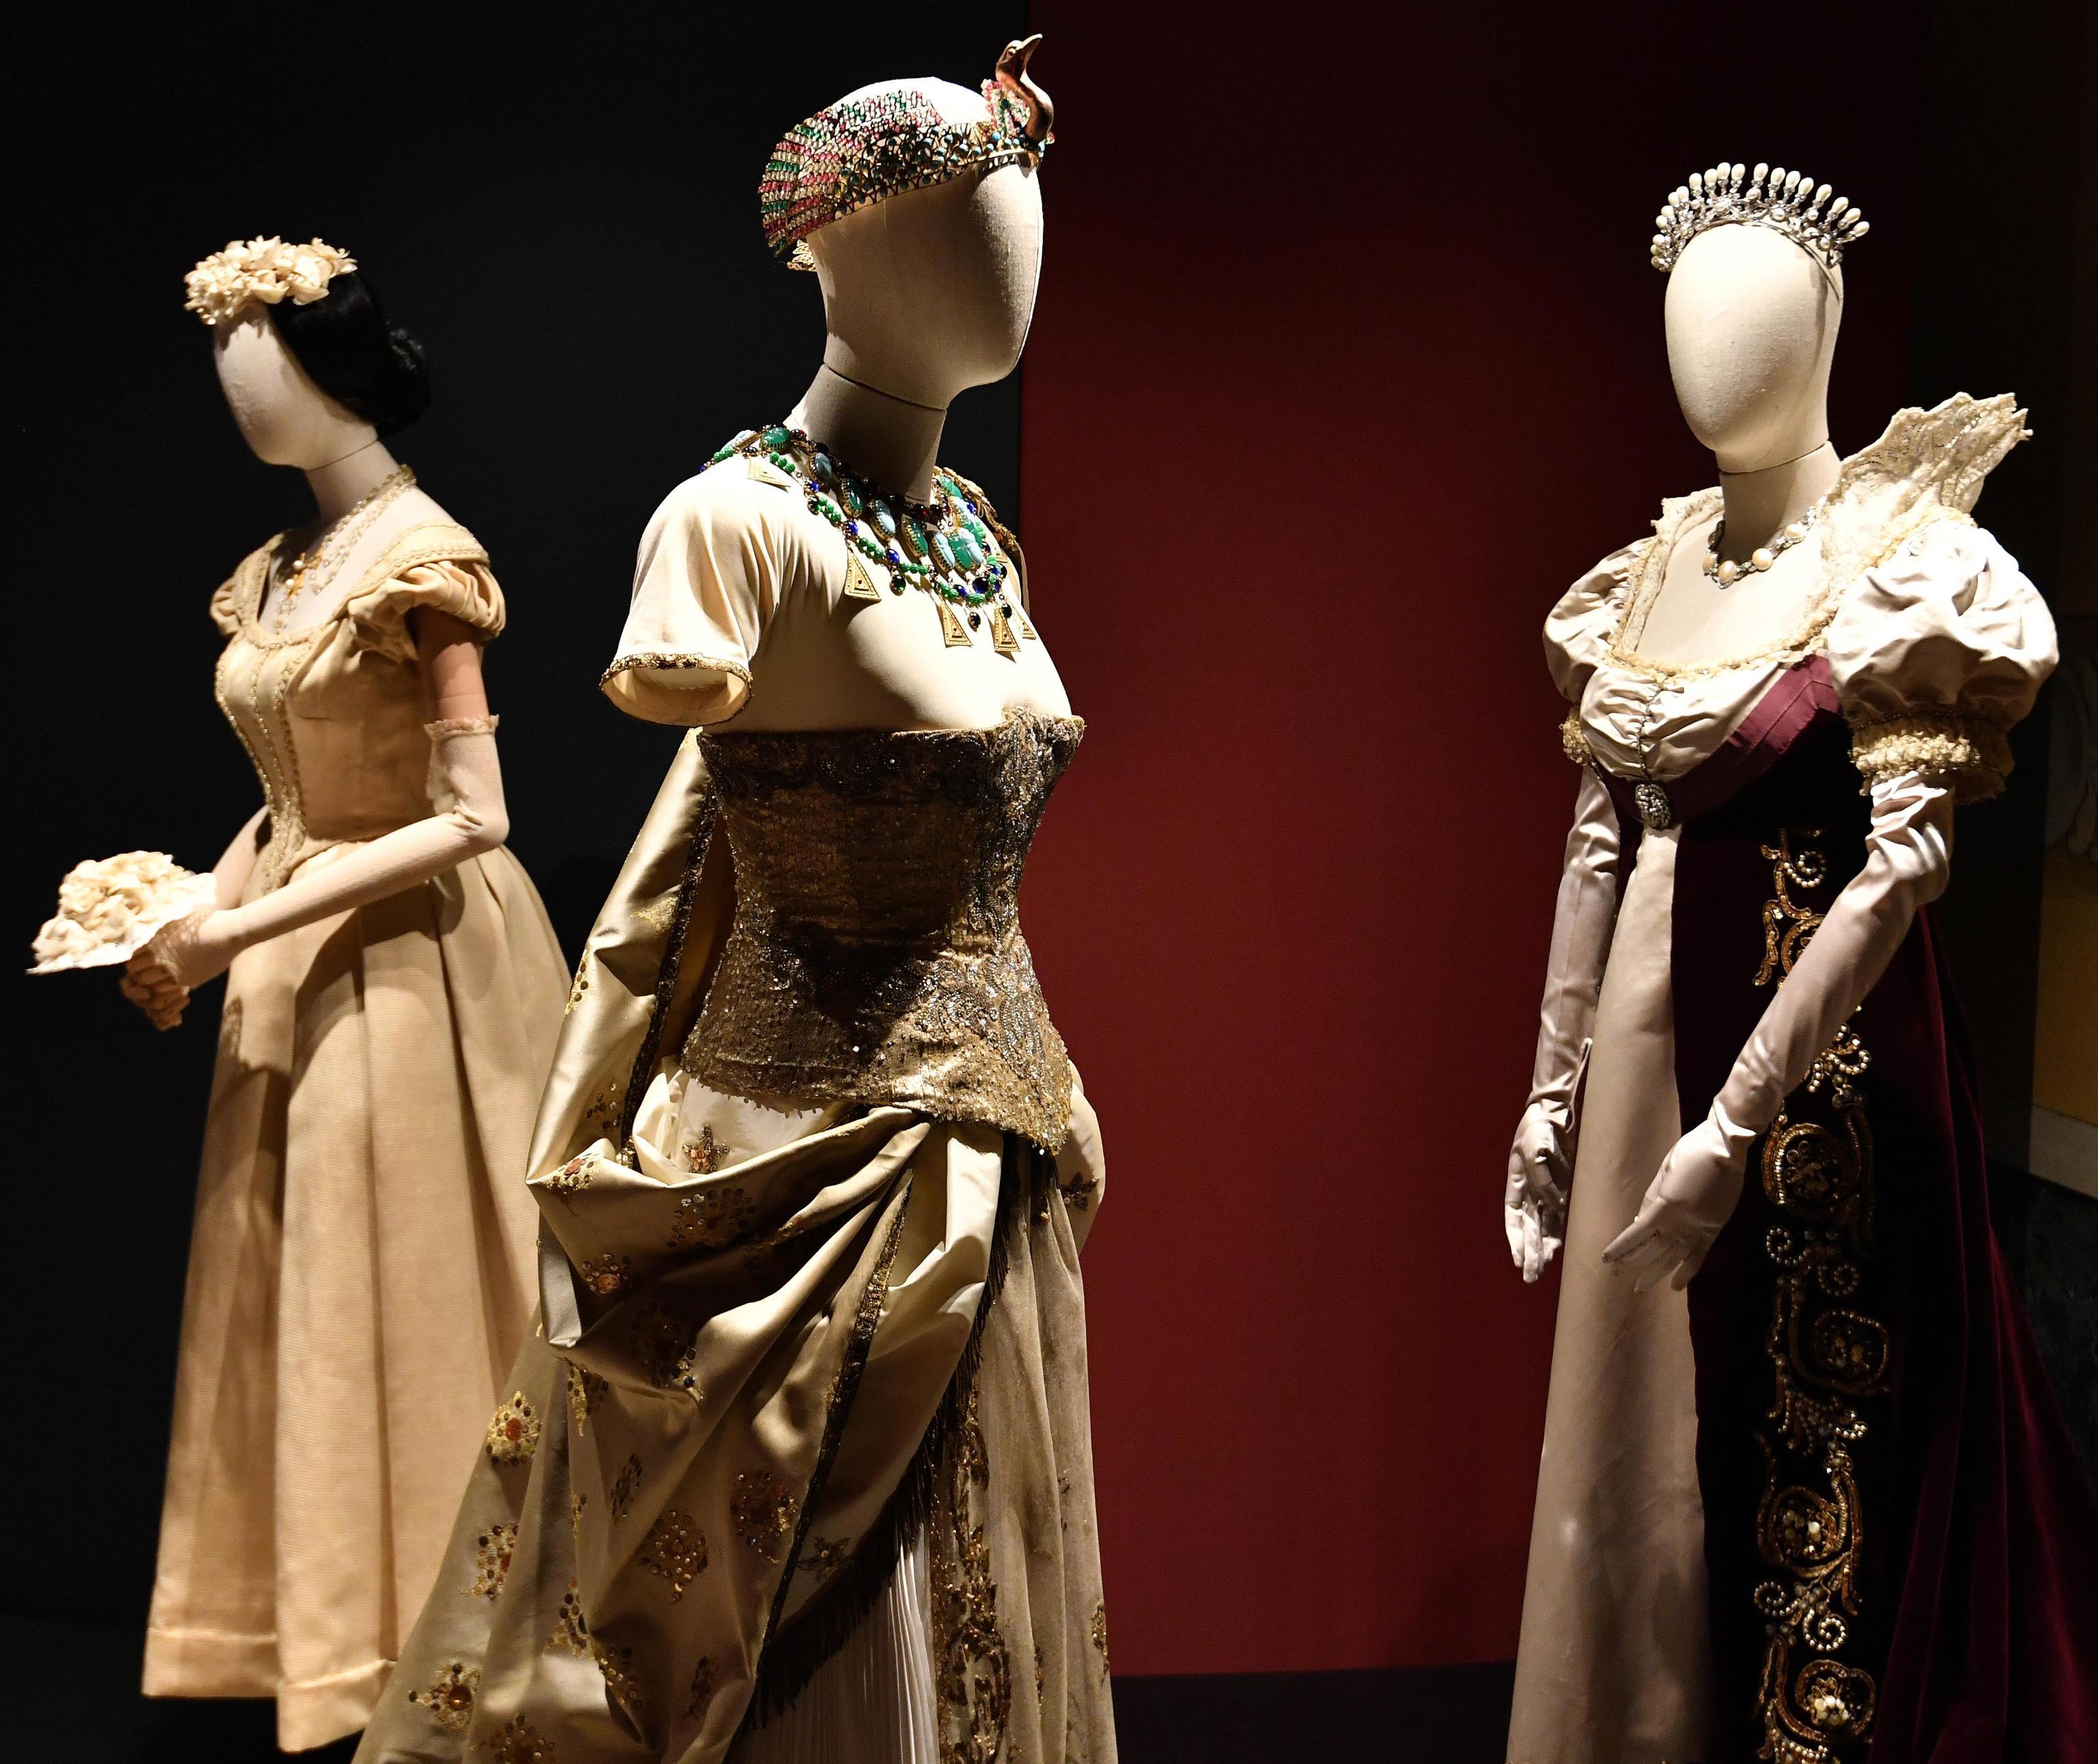 Gli abiti sono stati selezionati tra i tanti custoditi nel teatro La Scala